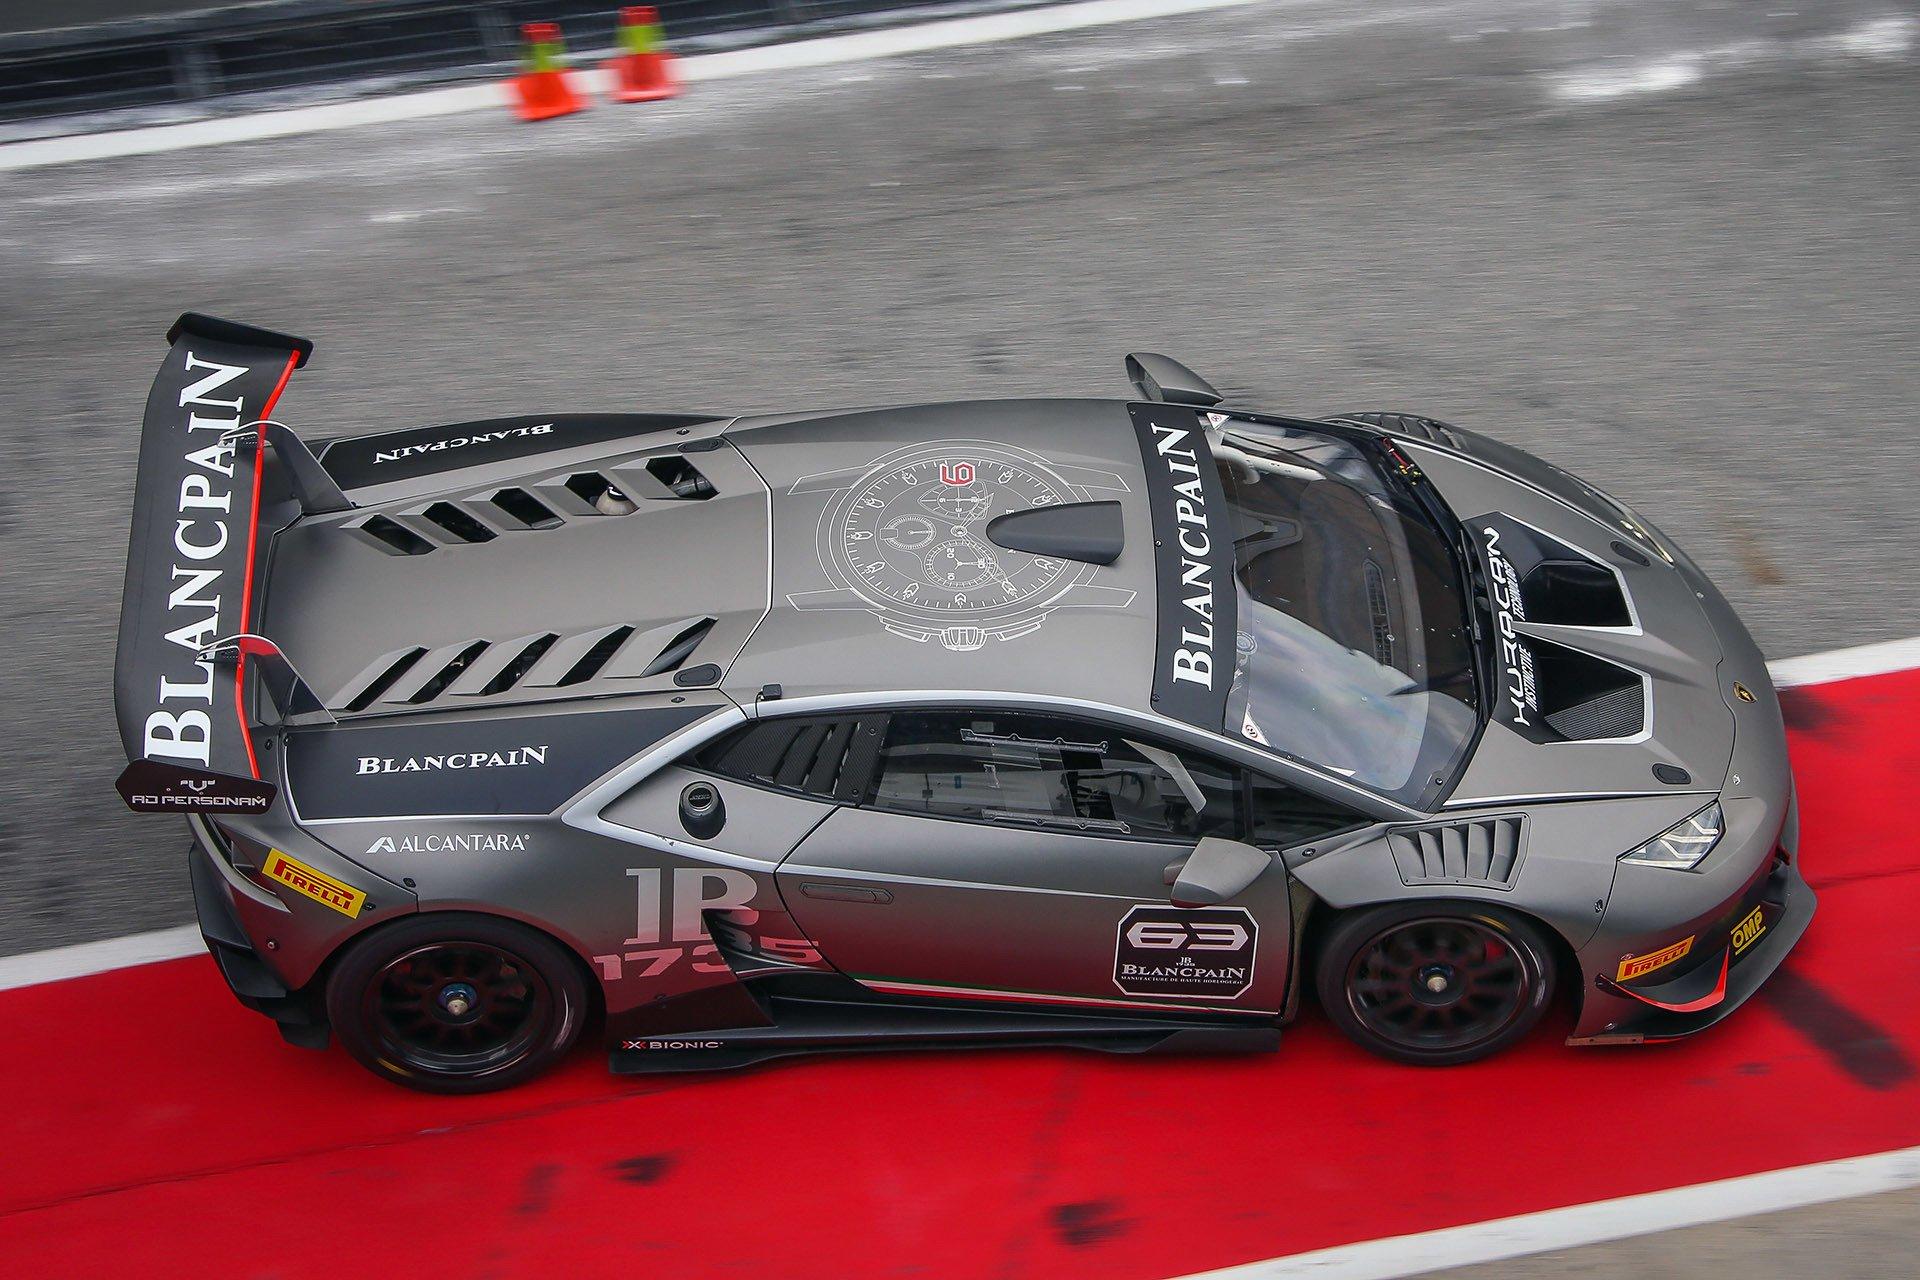 2015 lamborghini huracan lp 620 2 super trofeo cars racecars wallpaper